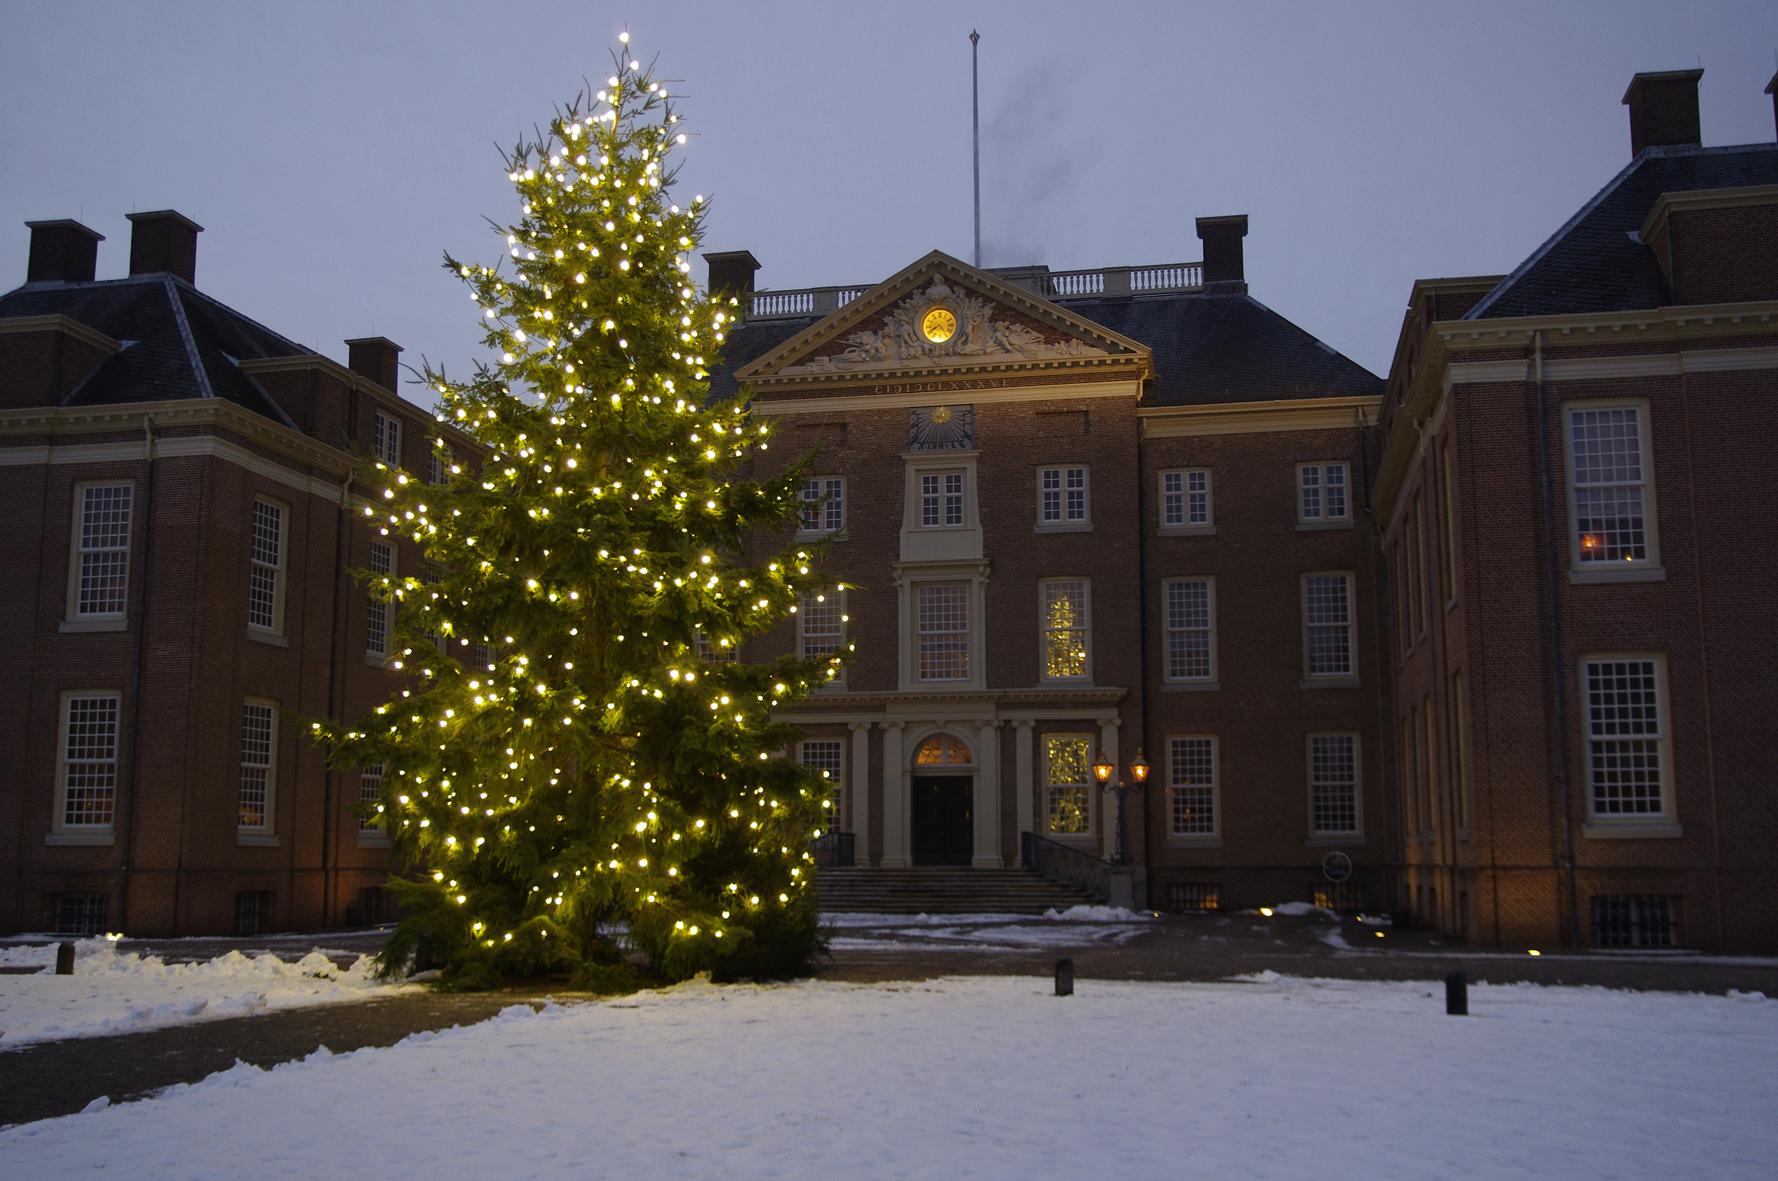 De kerstboom voor Paleis Het Loo, december 2010.